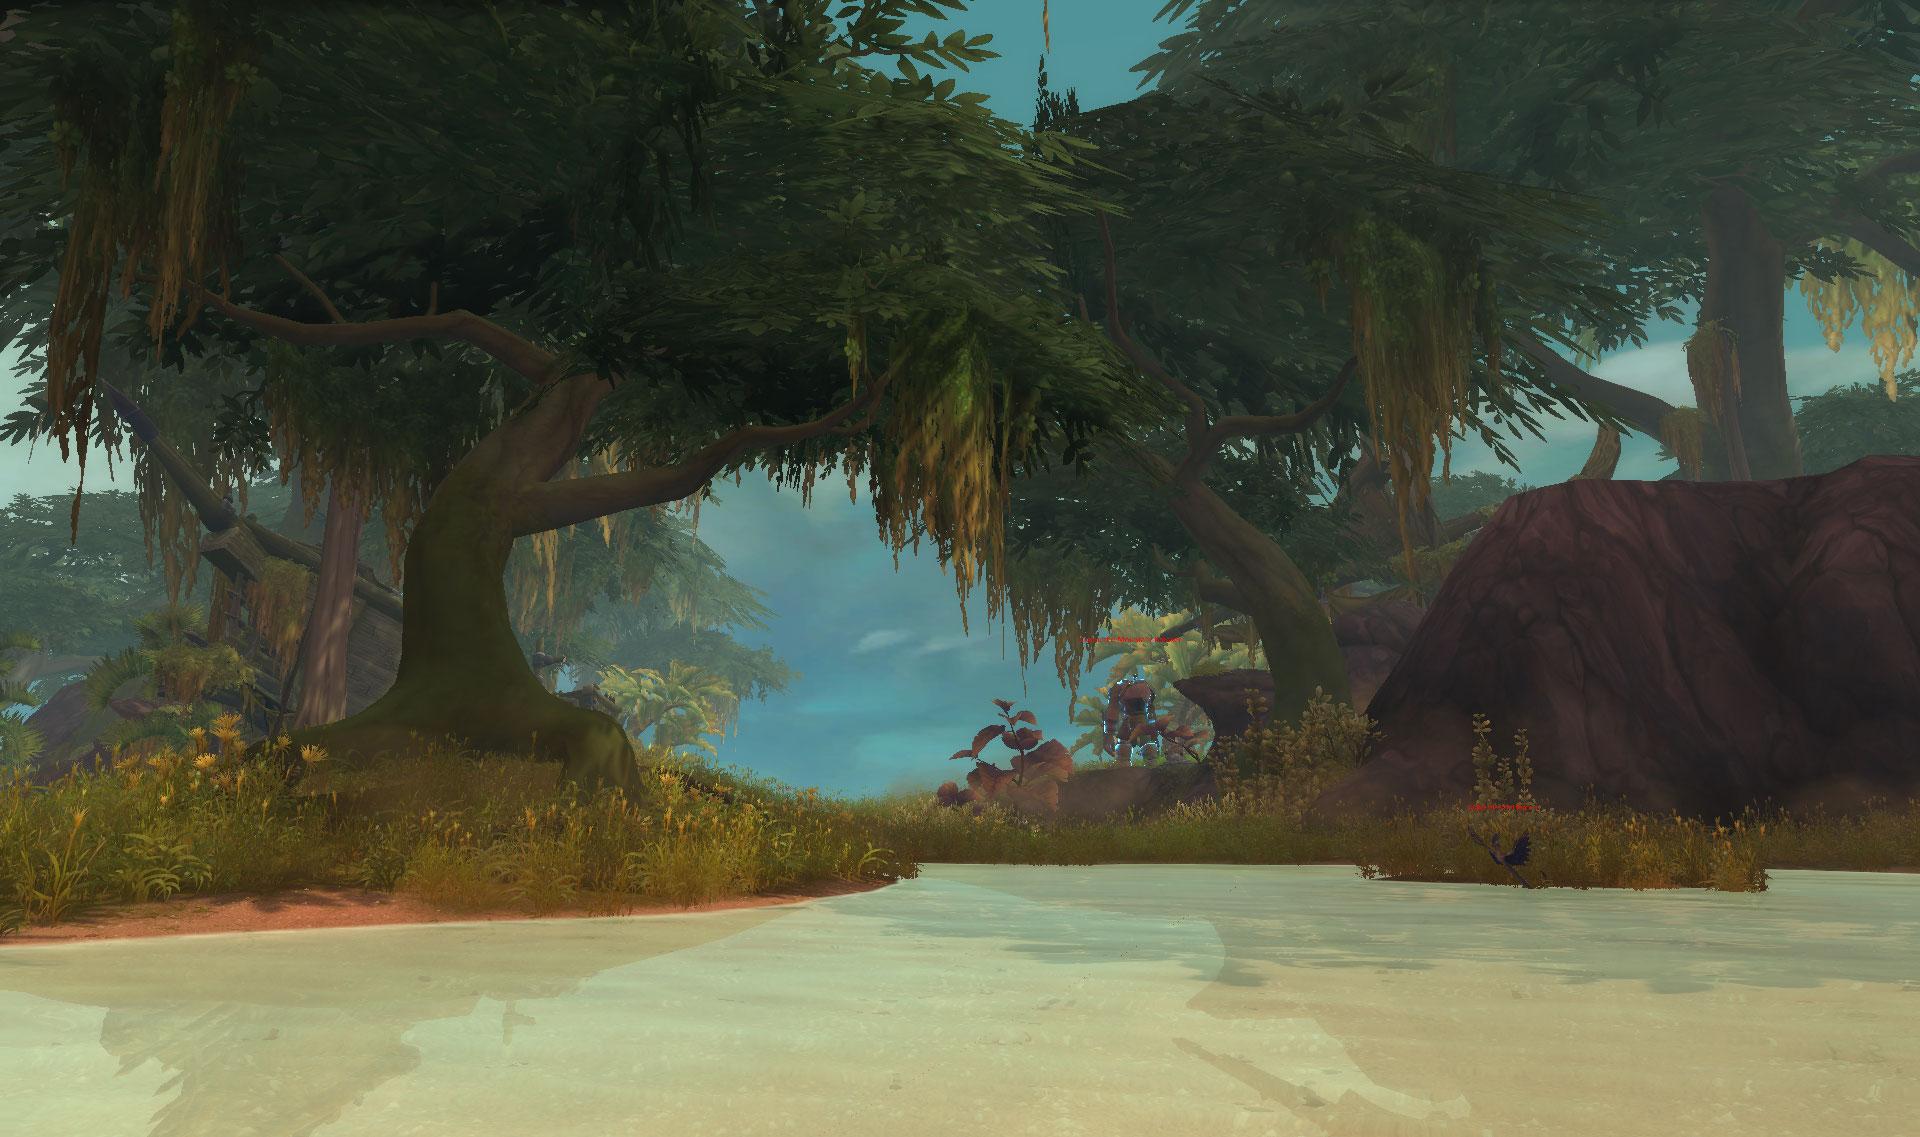 Screenshot de l'expédition sur les îles The Rotting Mire.